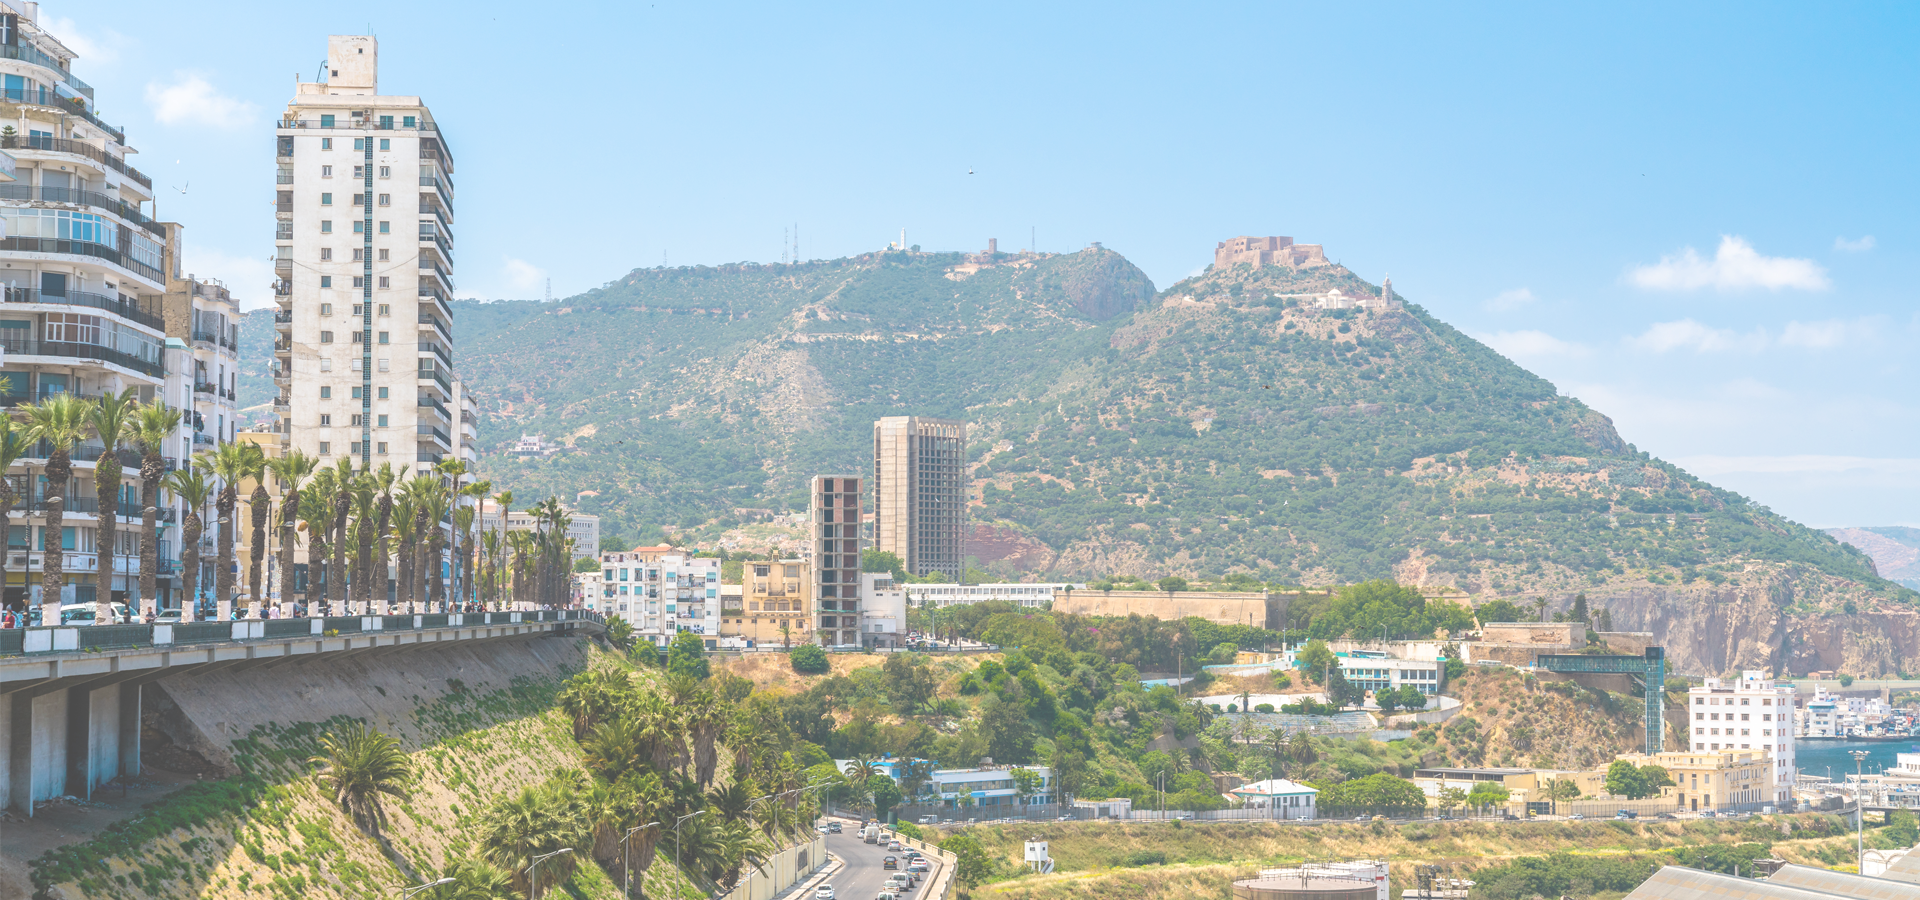 Peer-to-peer advisory in Oran, Algeria